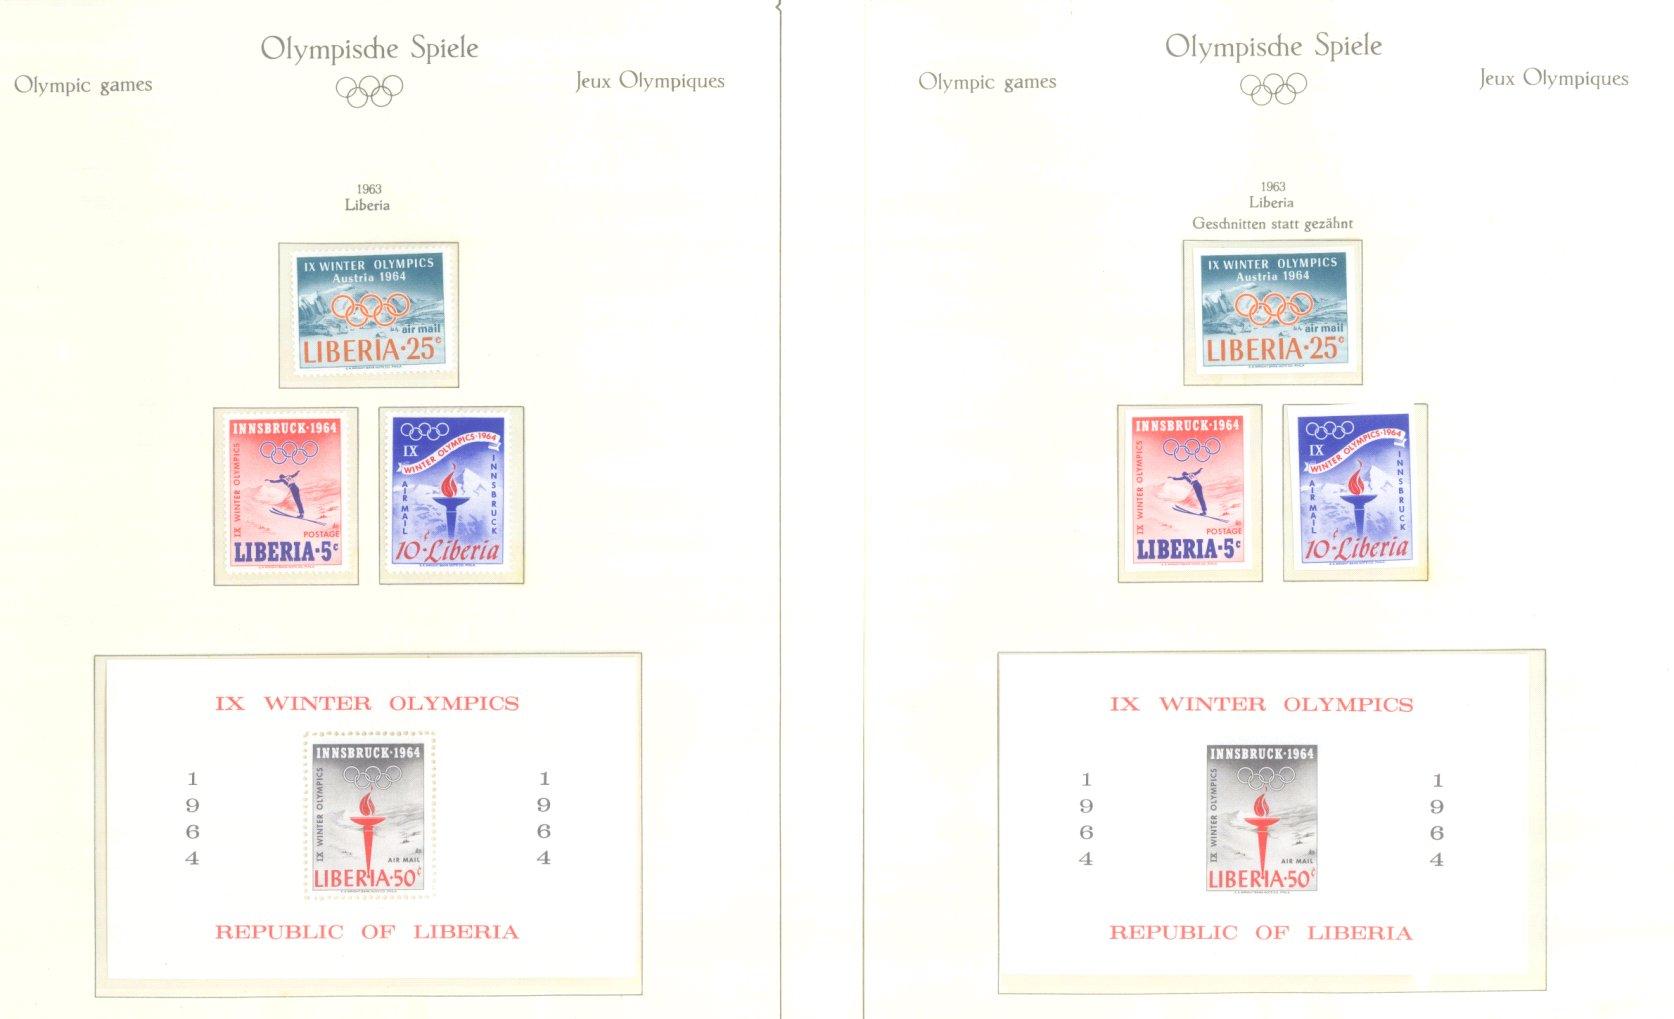 OLYMPISCHE SPIELE 1964 TOKIO, postfrische Sammlung Teil 1-39